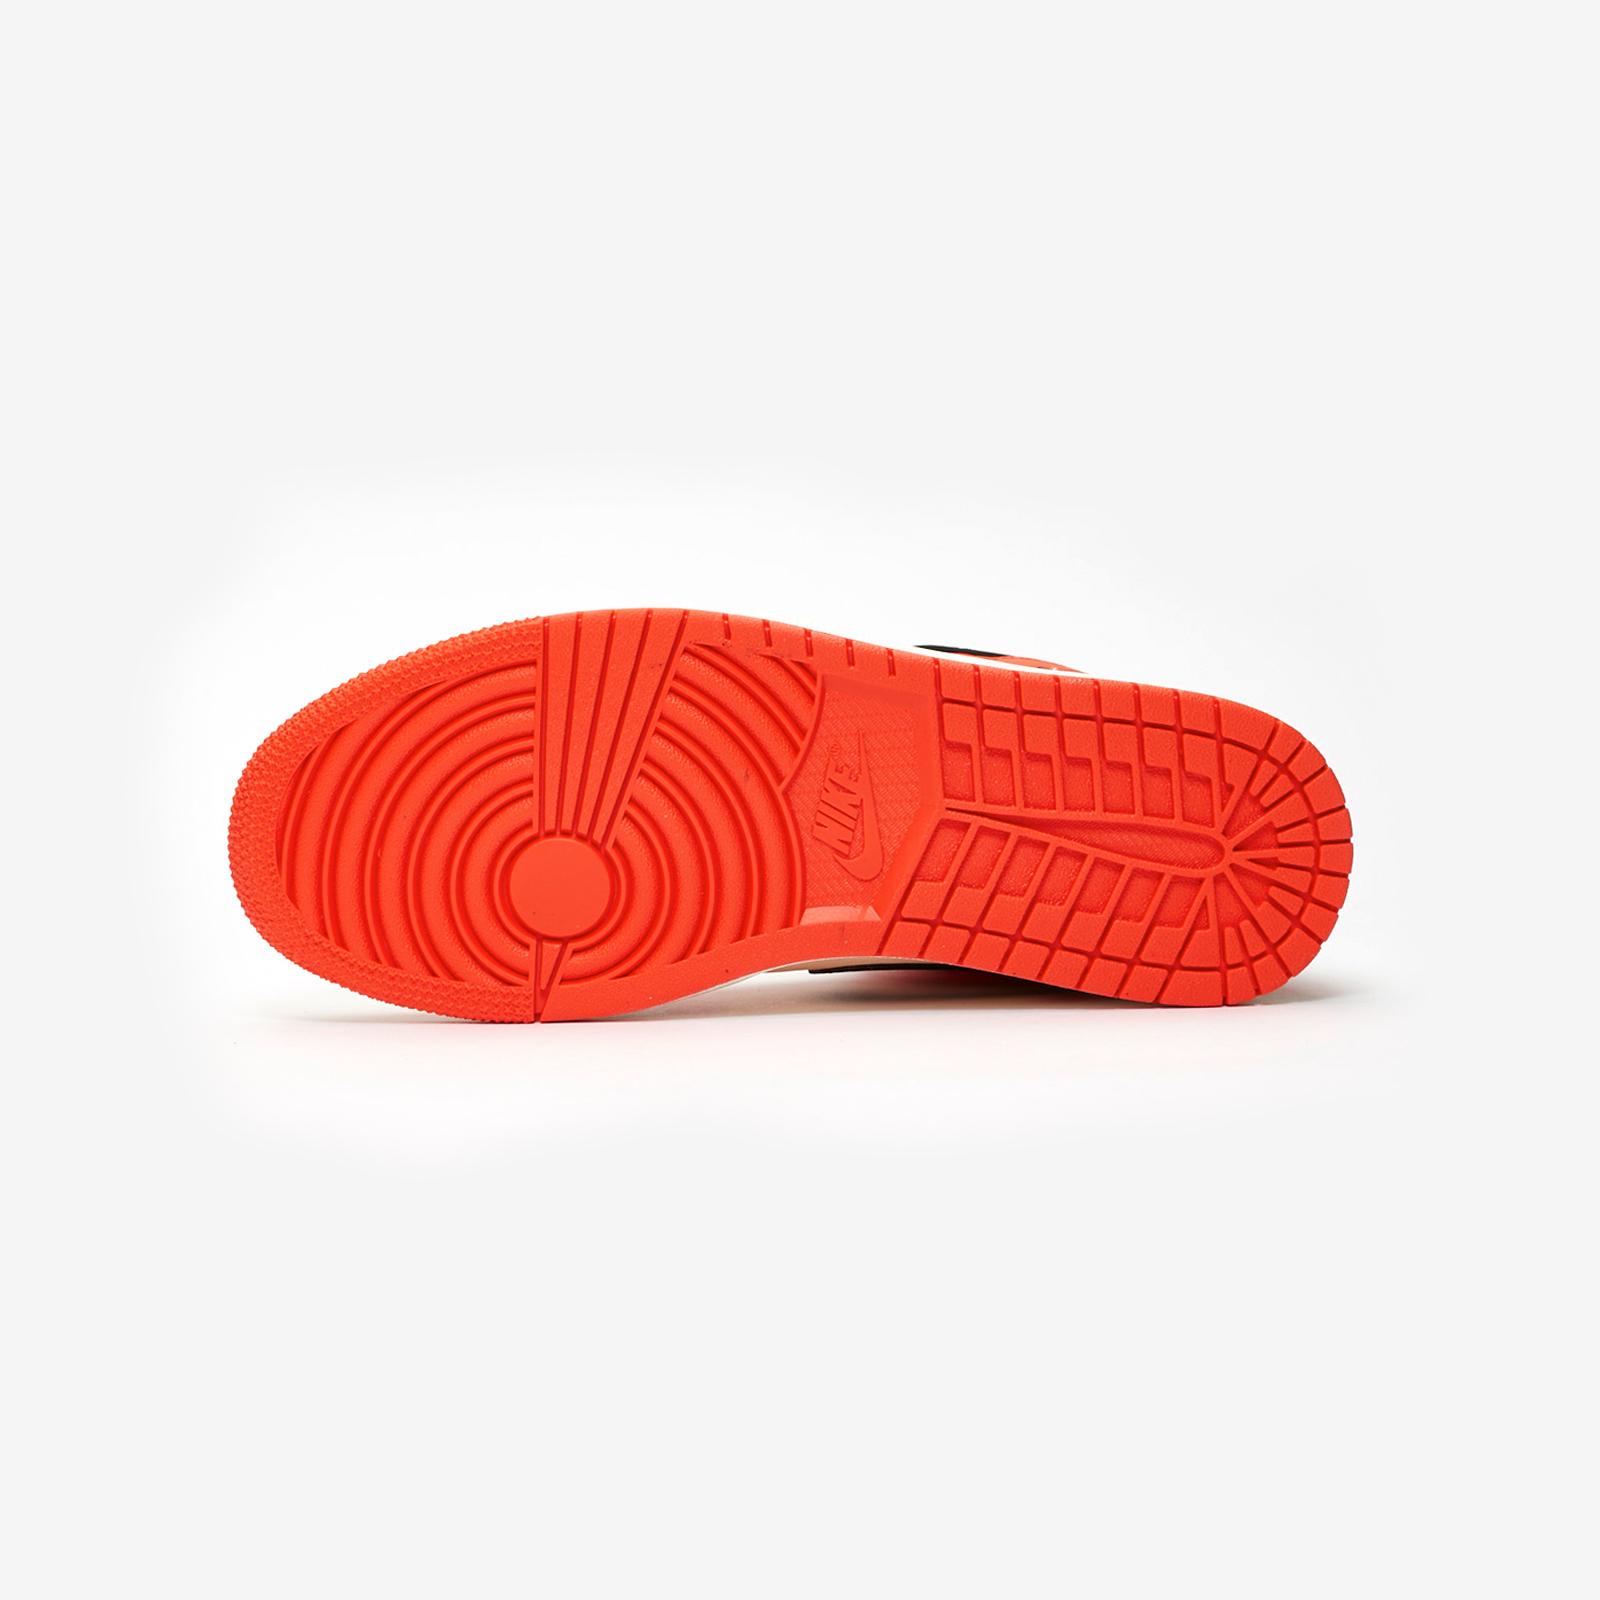 36029584658 Jordan Brand Air Jordan 1 Mid SE - 852542-800 - Sneakersnstuff   sneakers &  streetwear online since 1999